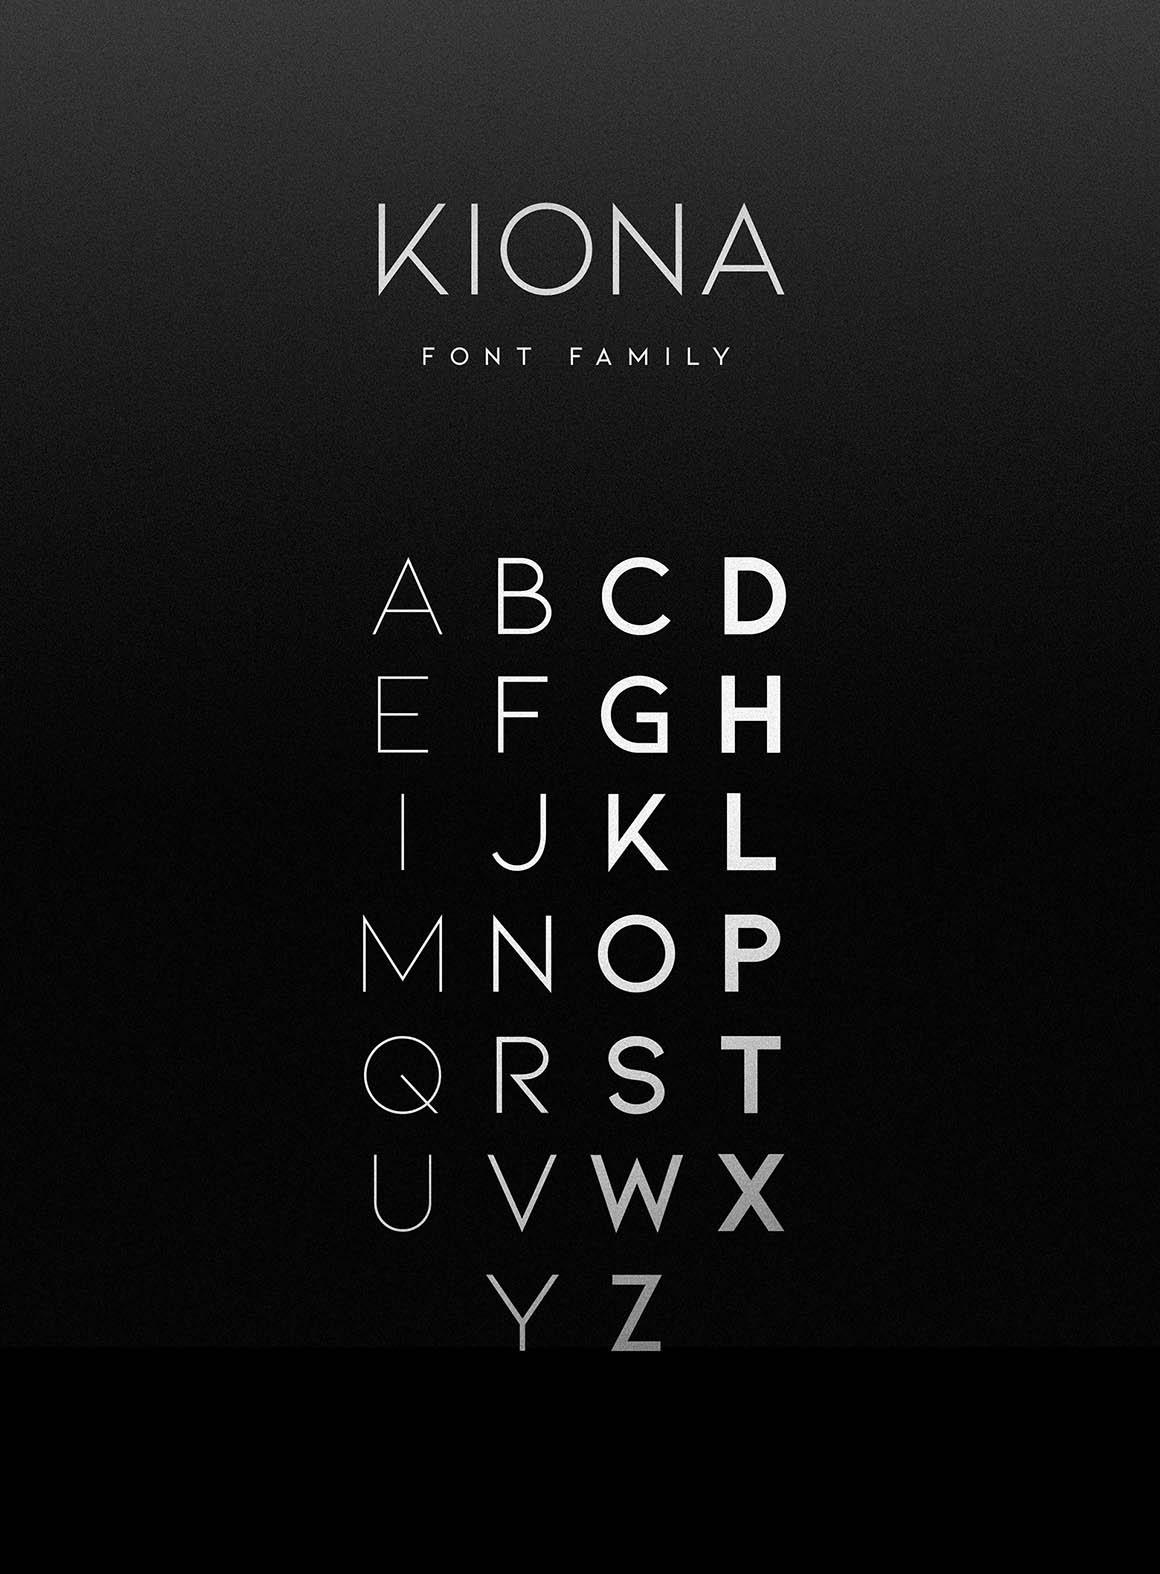 kiona-free-font-4